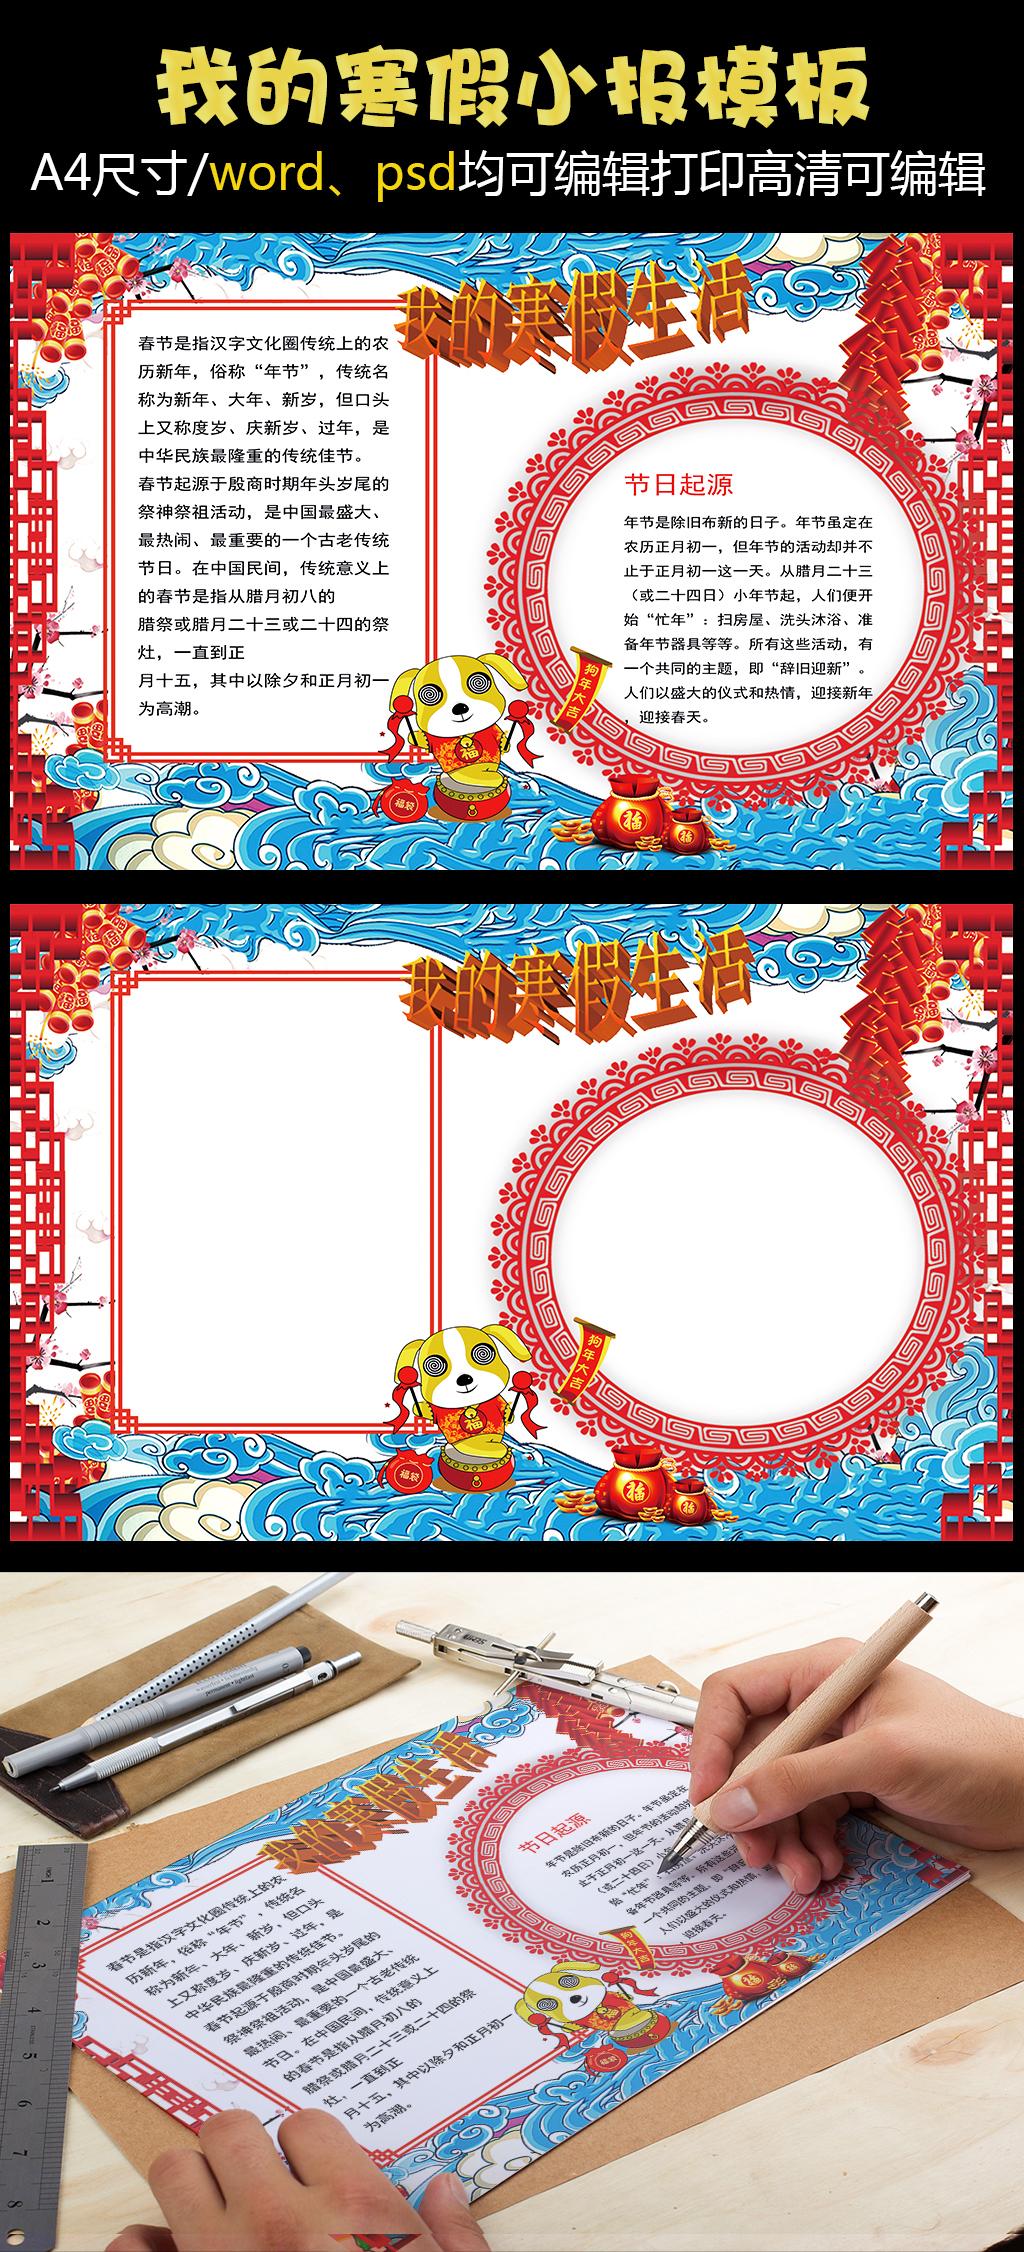 新年快乐寒假手抄报狗年春节电子小报